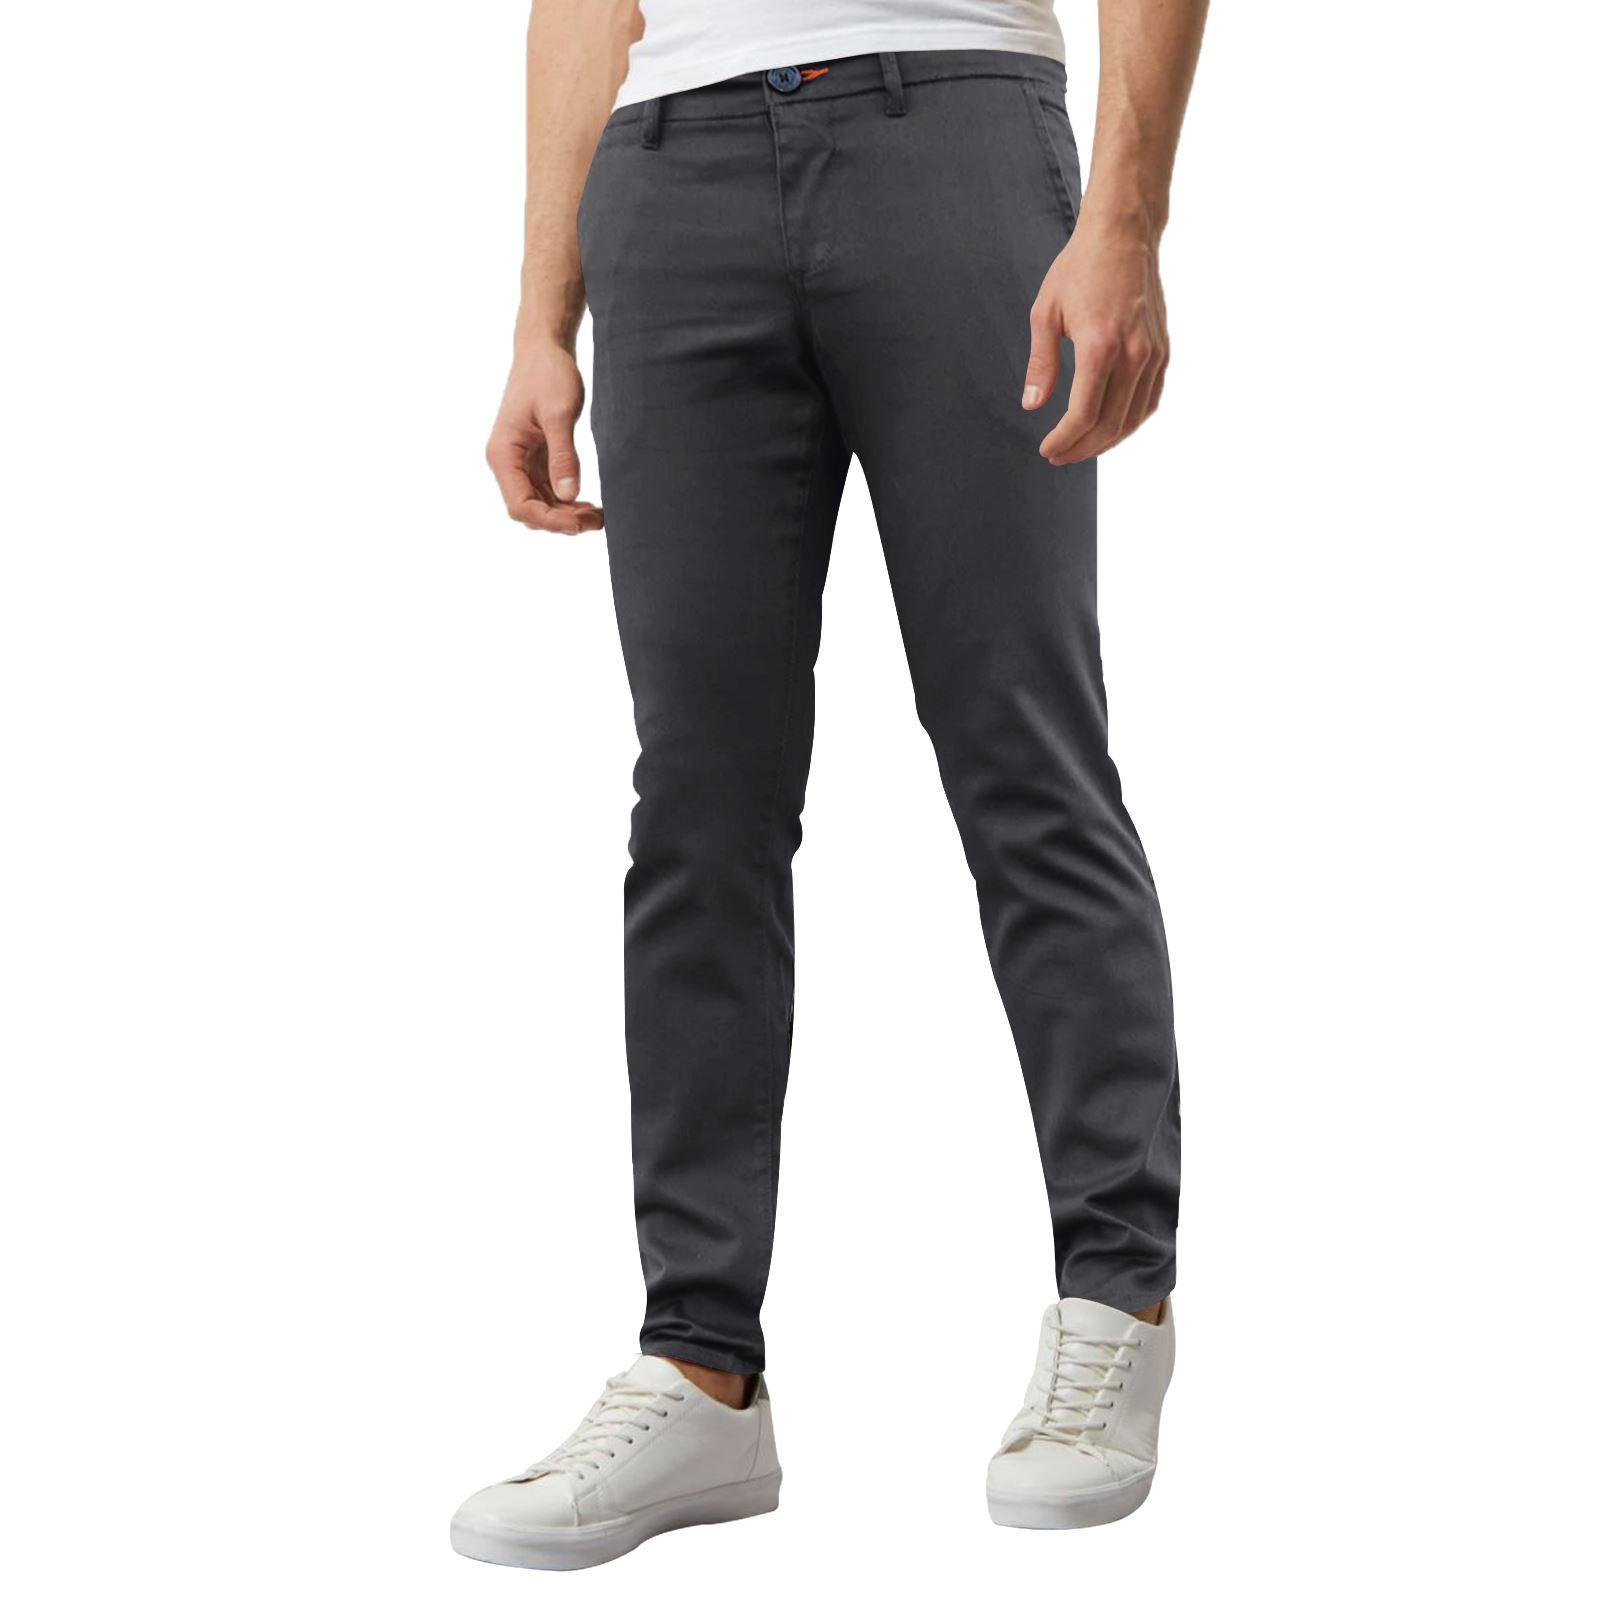 Jeans-Para-Hombre-de-Disenador-Nuevo-chinos-Elastizados-ajustados-Calce-Ajustado-Pantalones-todos miniatura 19